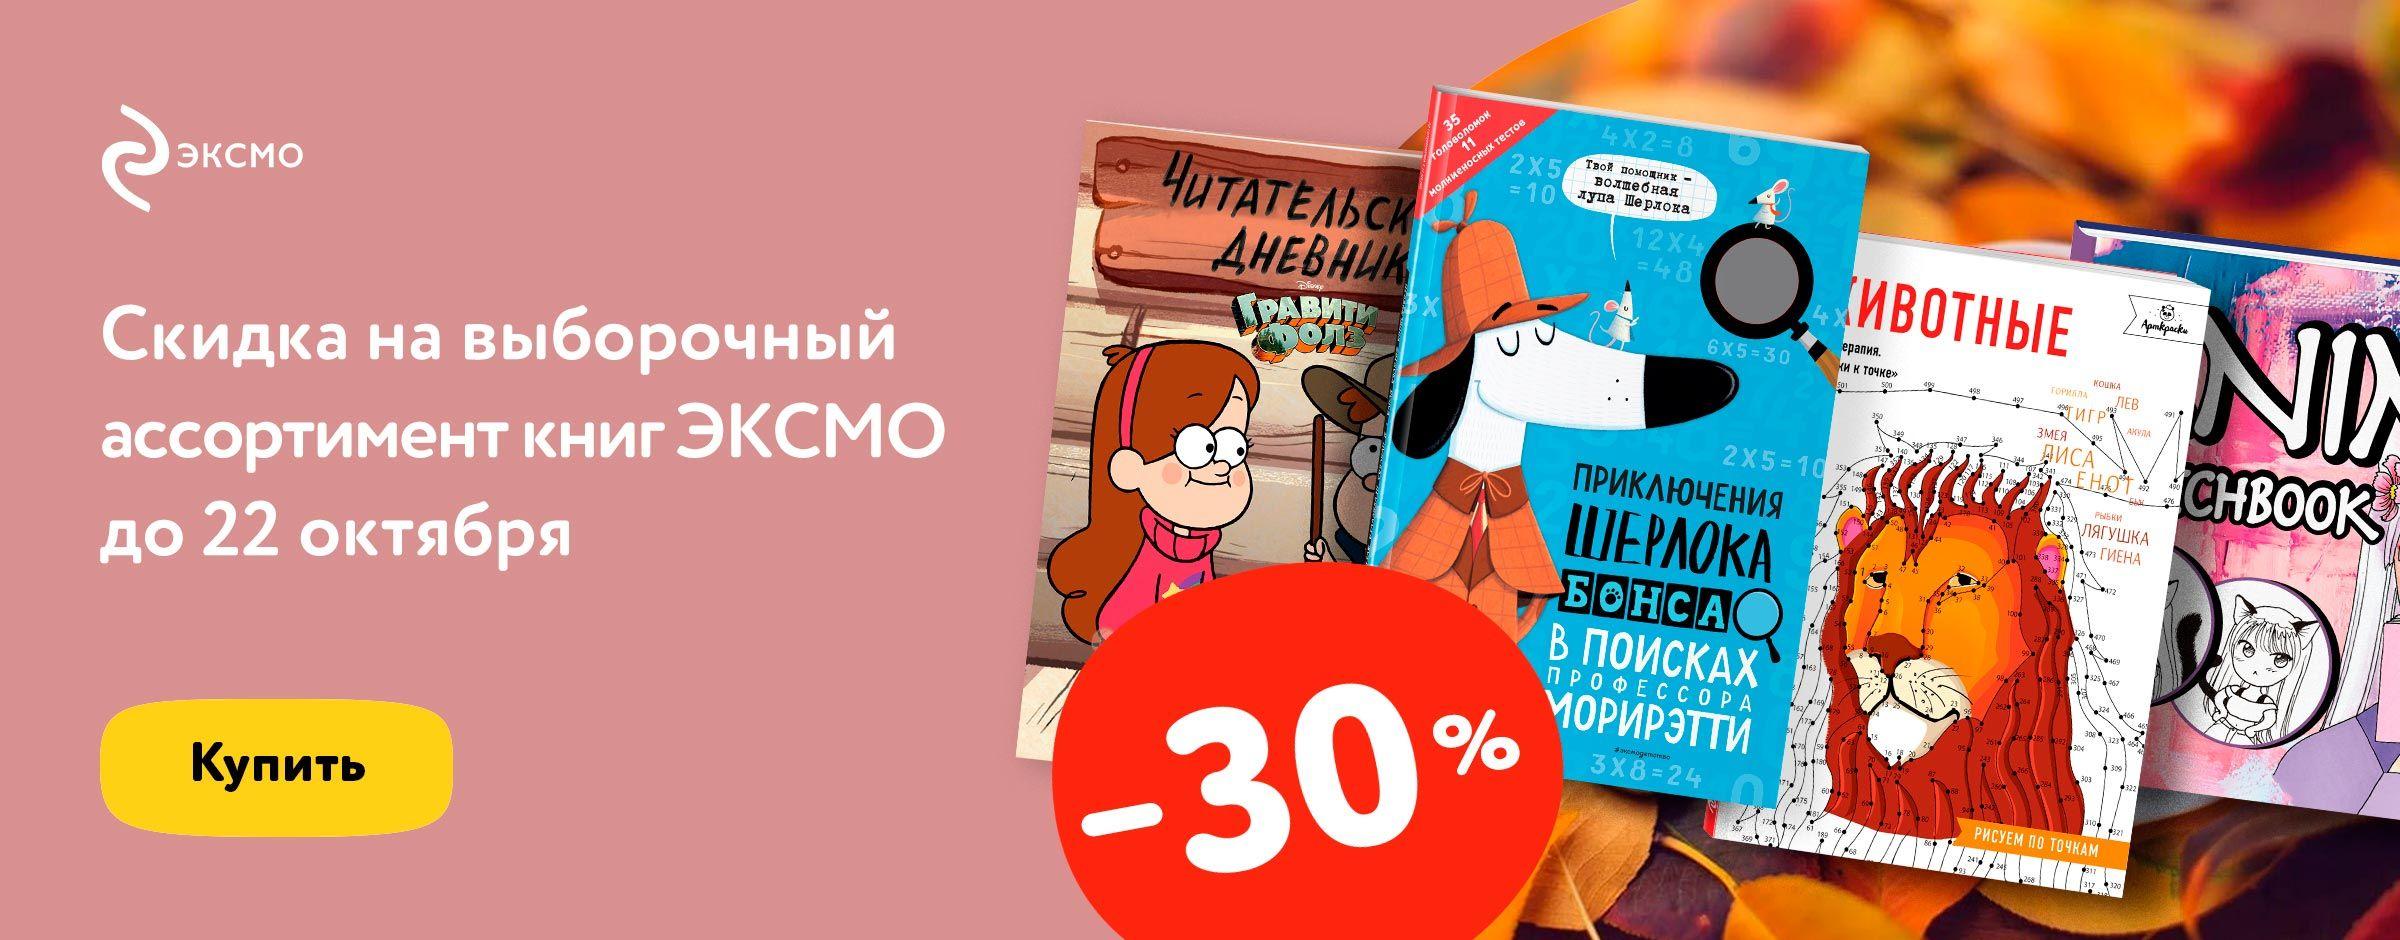 Скидки 30% на выборочный ассортимент книг Эксмо